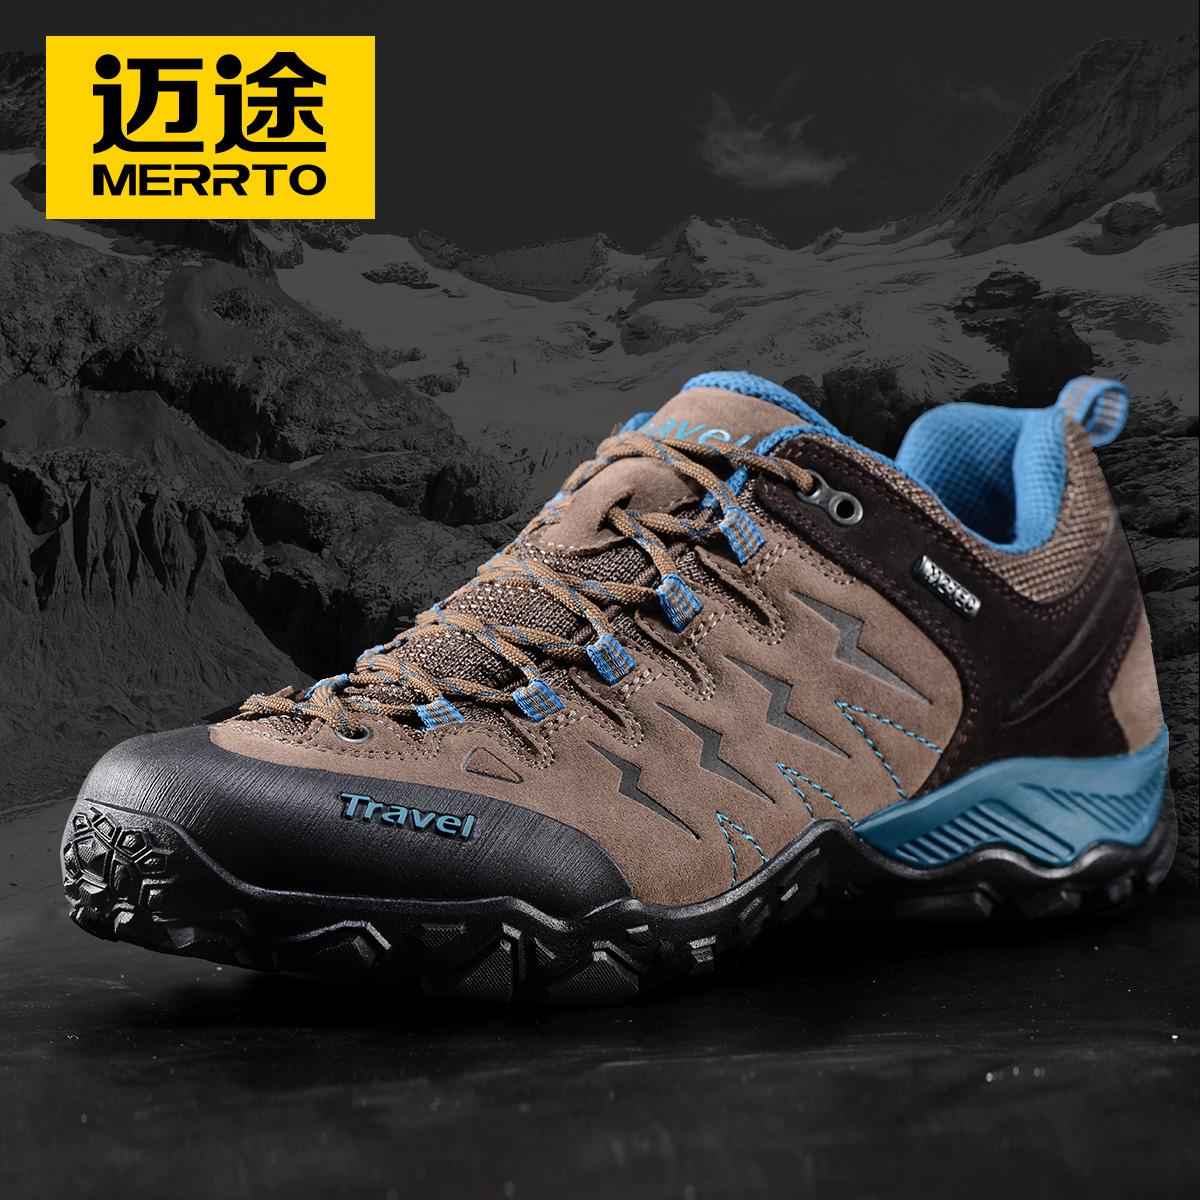 迈途冬季男女登山鞋 防滑耐磨透气徒步鞋 秋季户外运动爬山旅游鞋